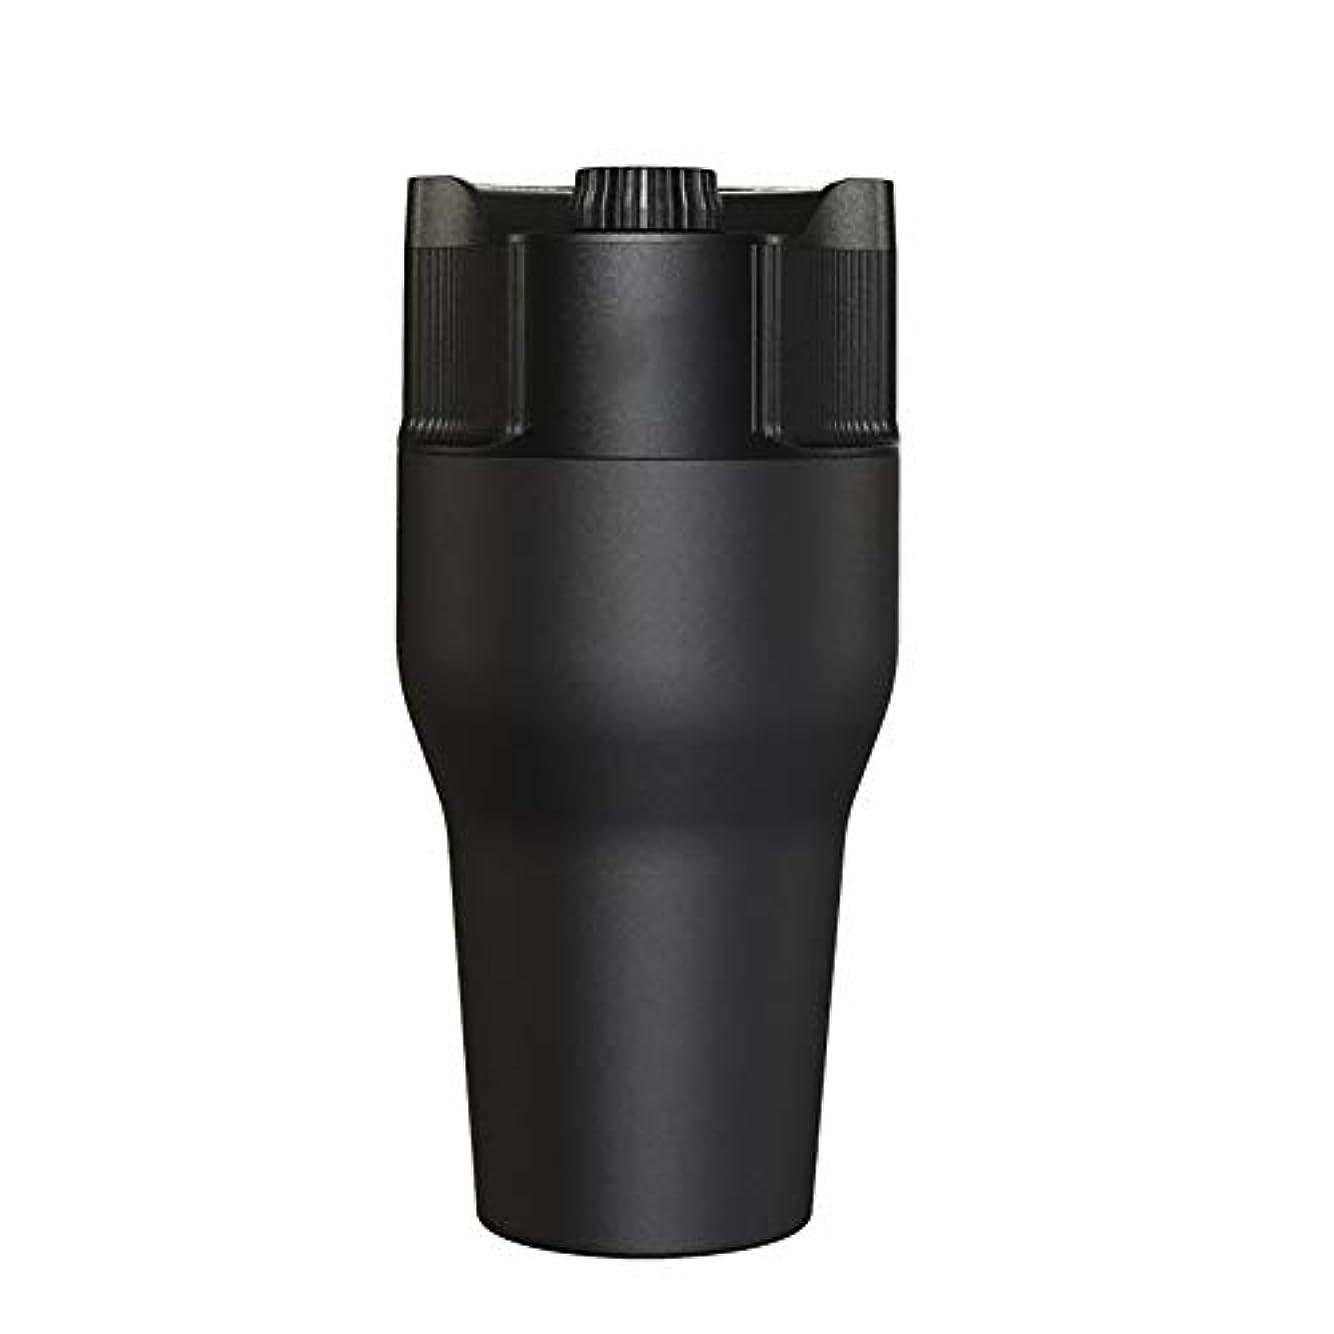 福祉クリーク飽和するポータブルエスプレッソメーカー NSカプセル(ネスプレッソオリジナルカプセルおよび互換品)と互換性があります。,黒